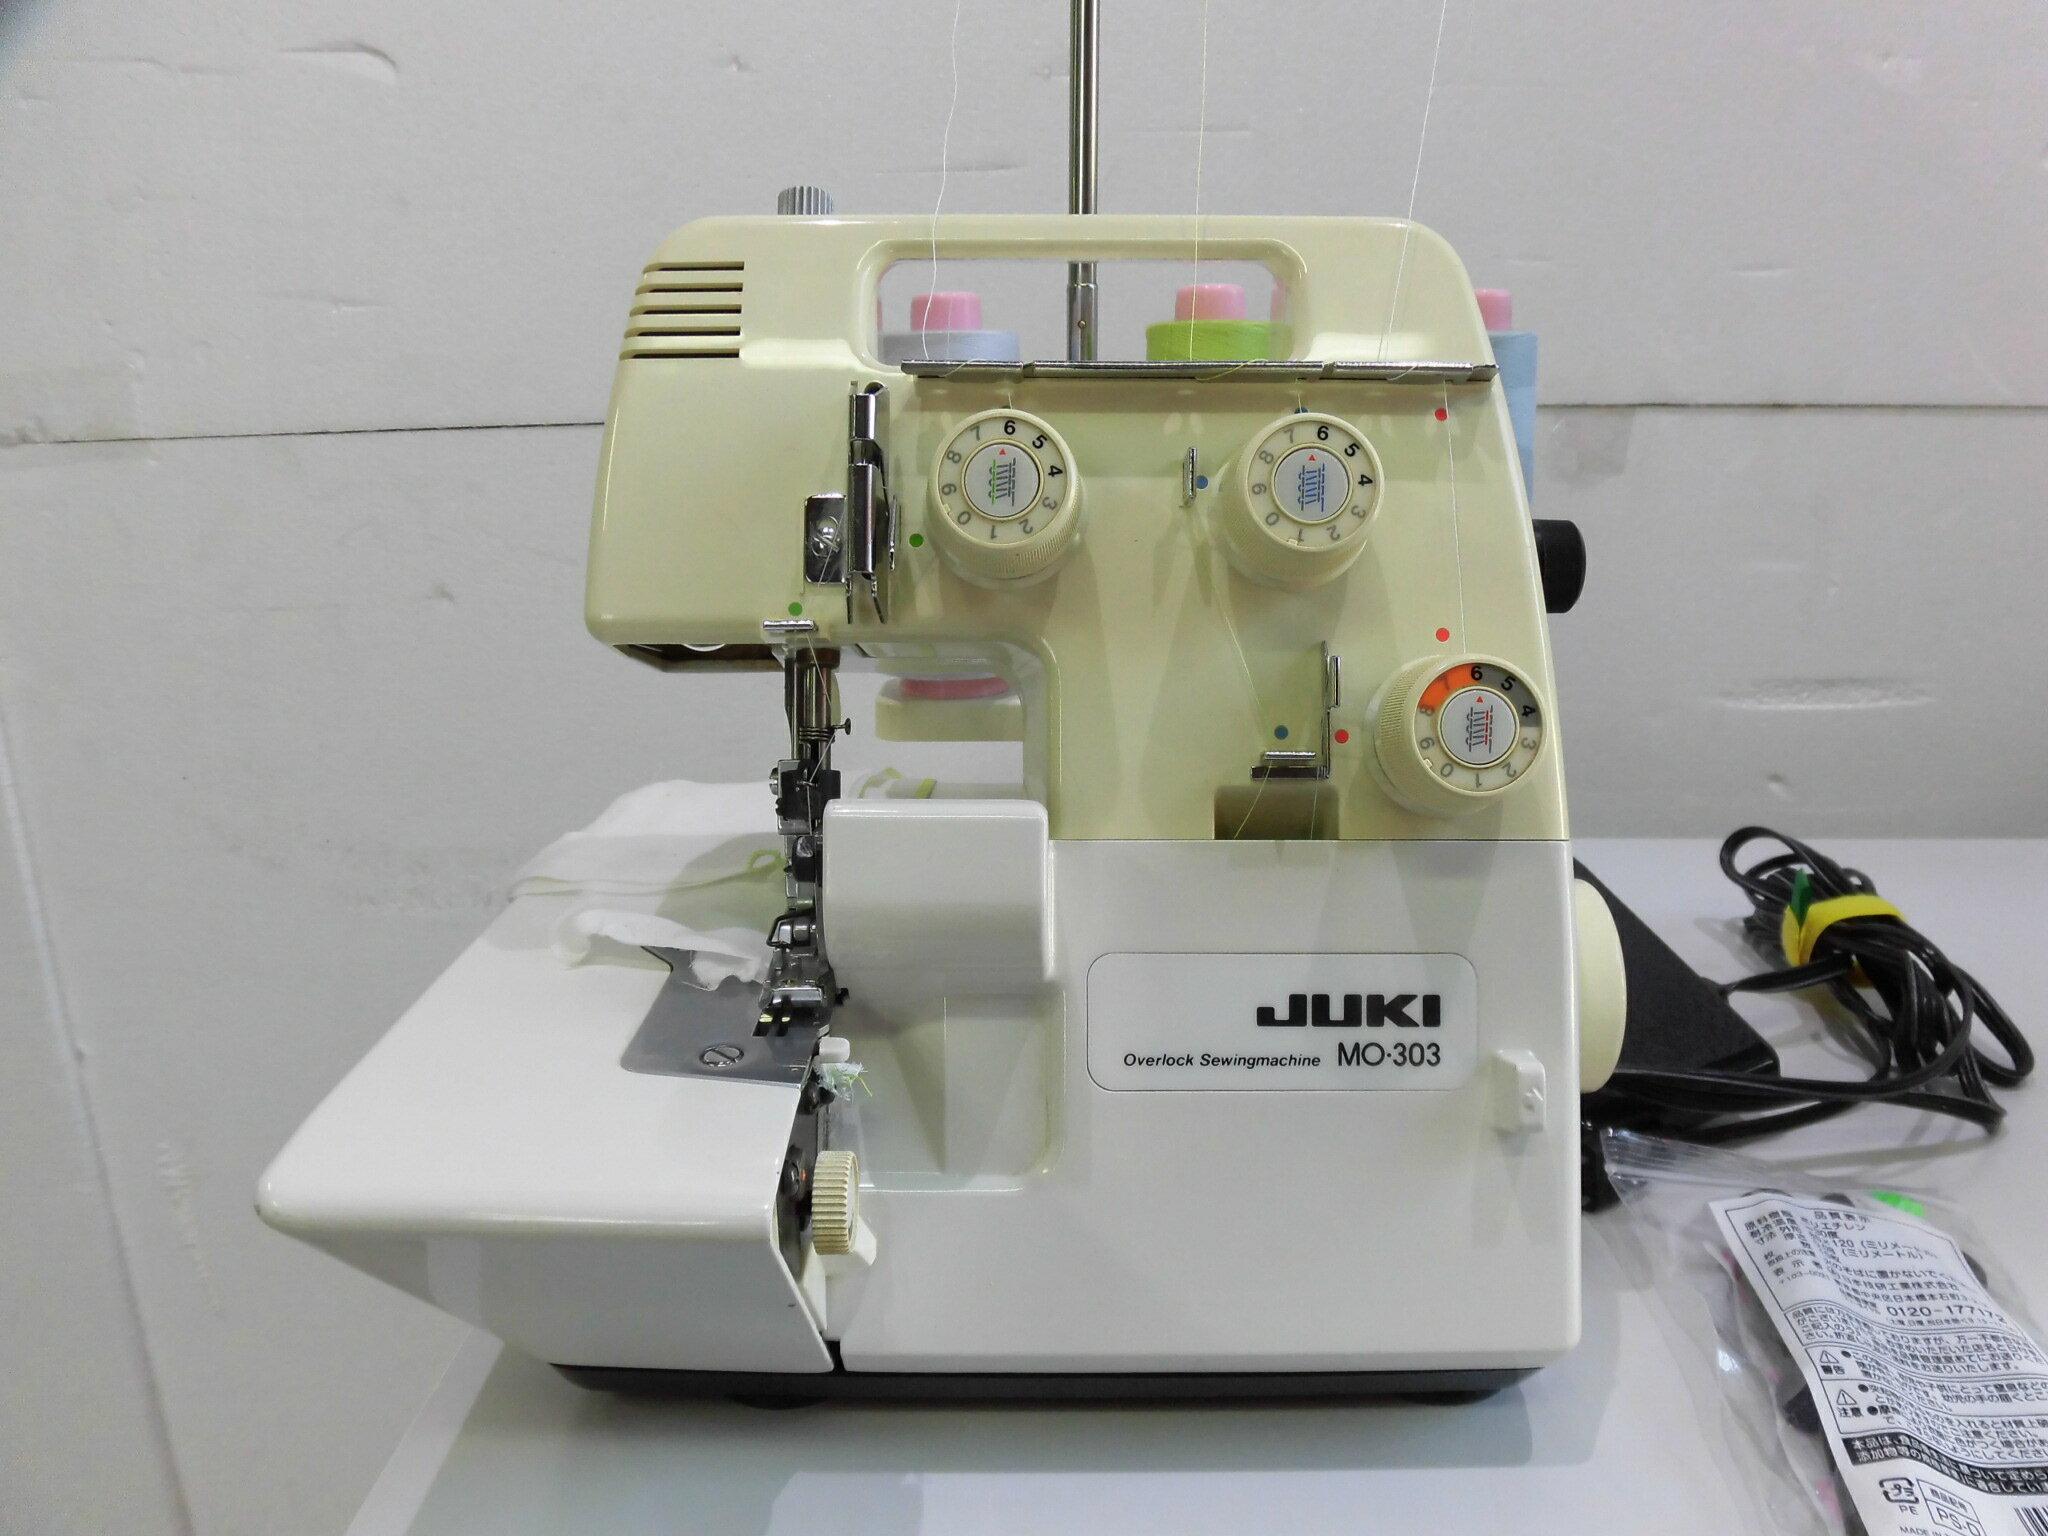 【中古】ジューキ ミシン JUKI MO-303 家庭用オーバーロックミシン 弊社にて整備済み